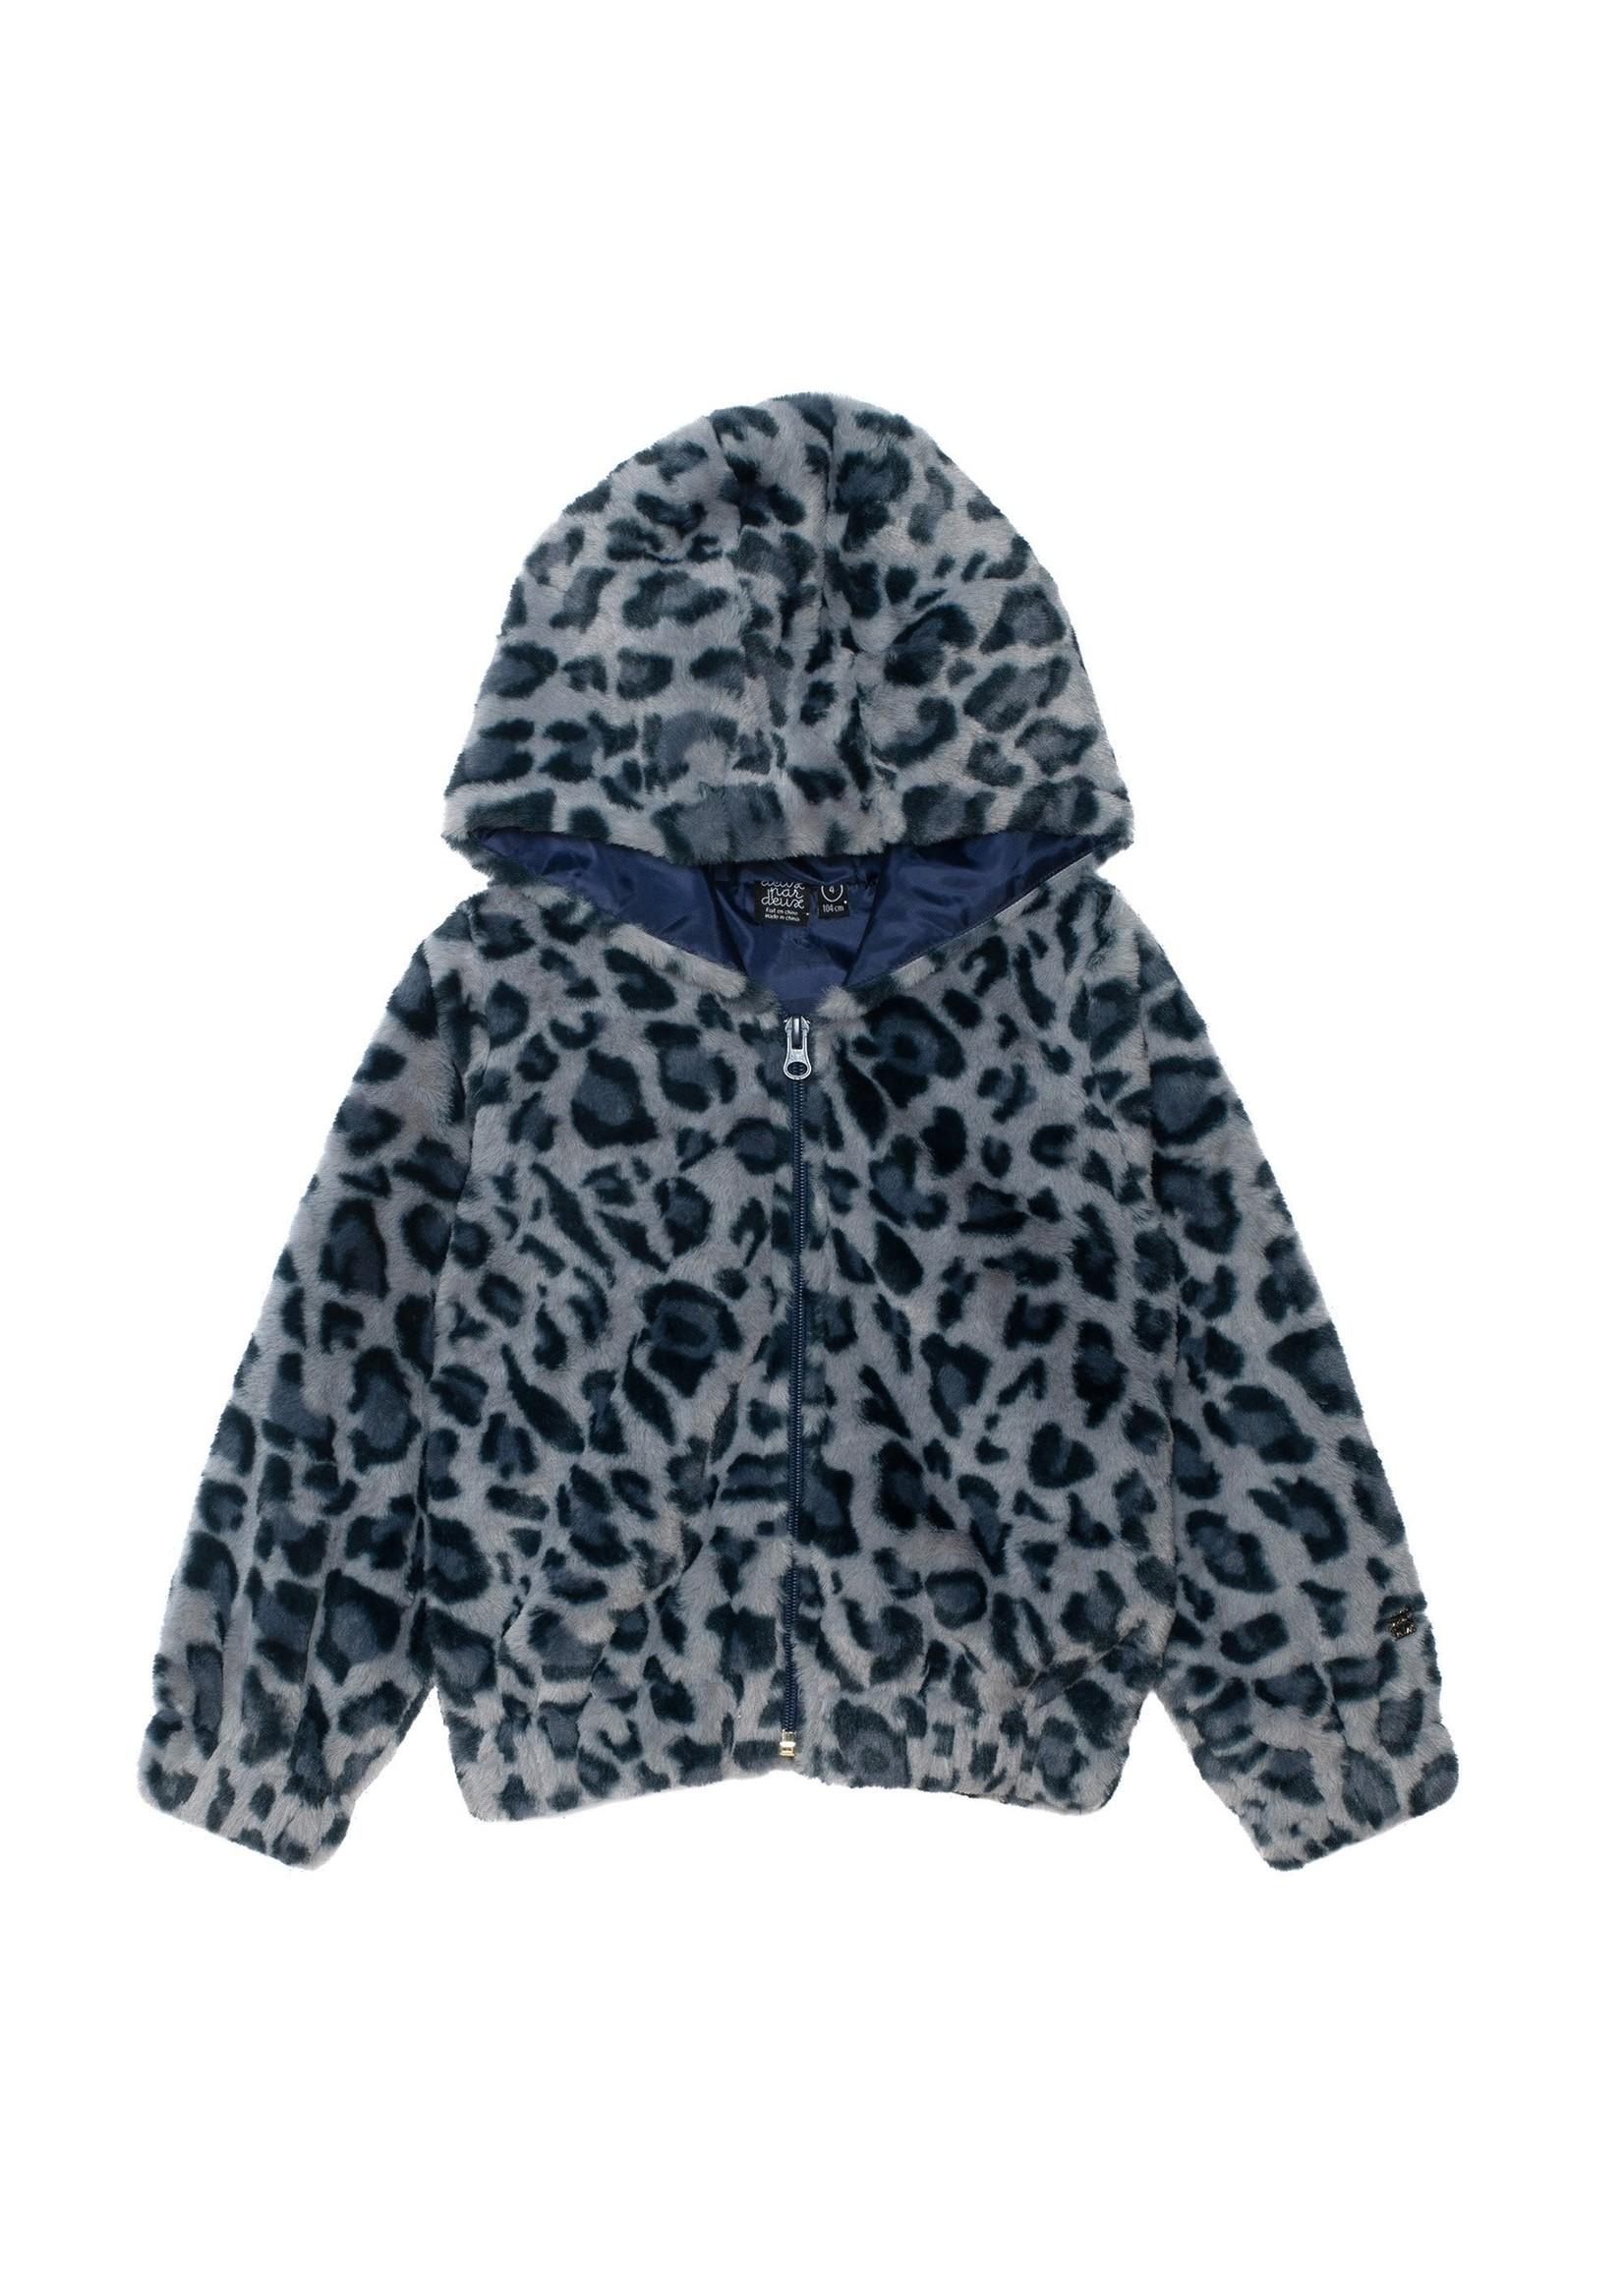 DPD Faux Fur Jacket